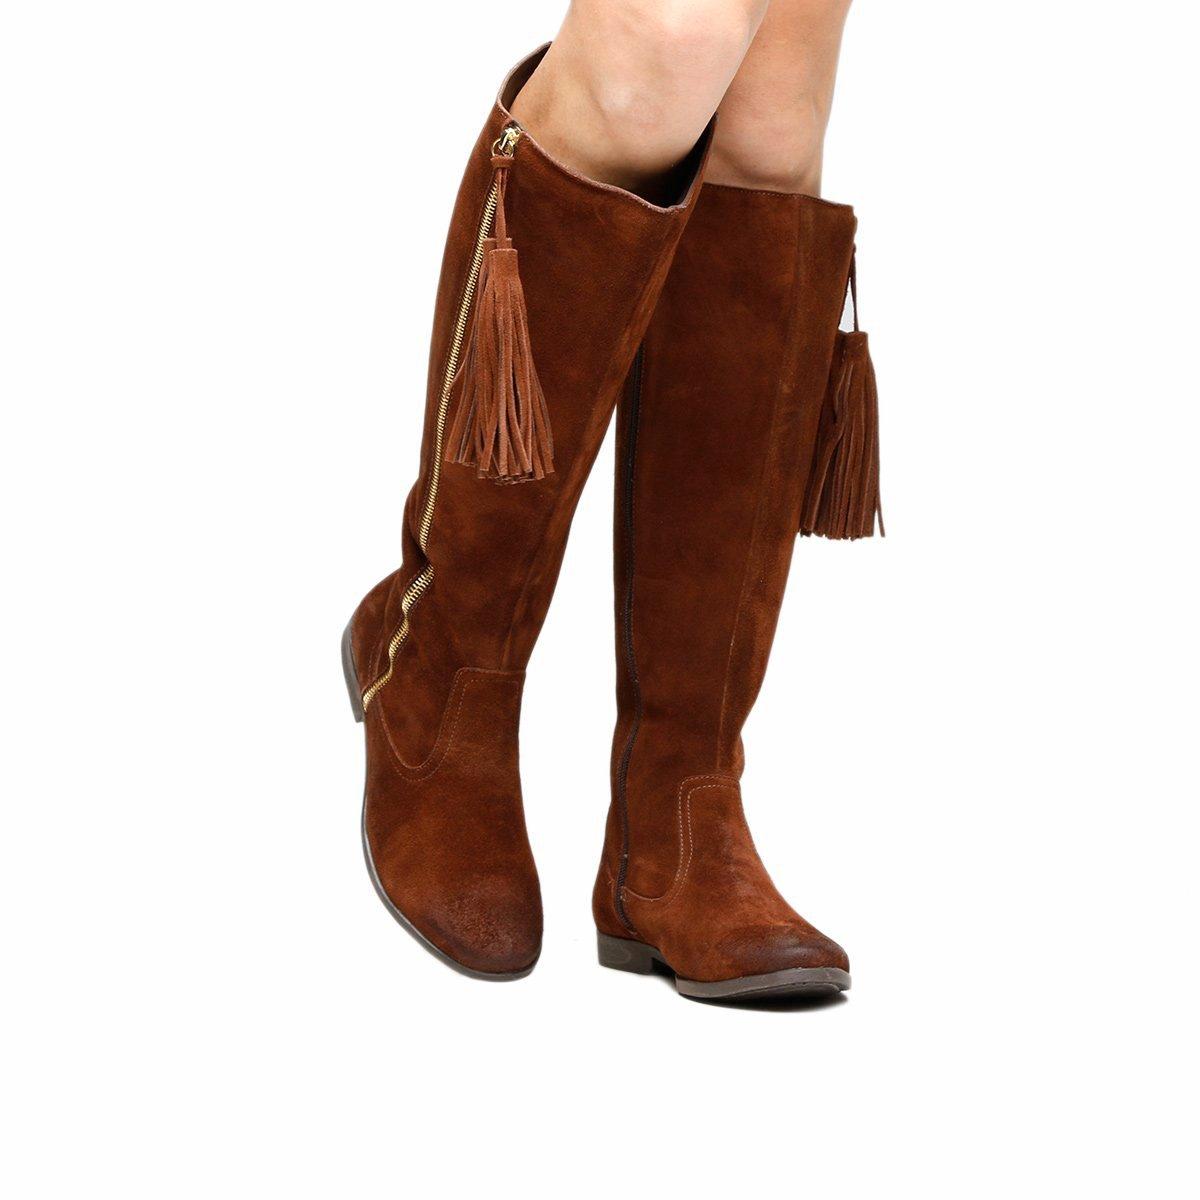 4b5e6f2022 Bota Couro Over the Knee Shoestock Barbicacho Feminino - Marrom - Compre  Agora